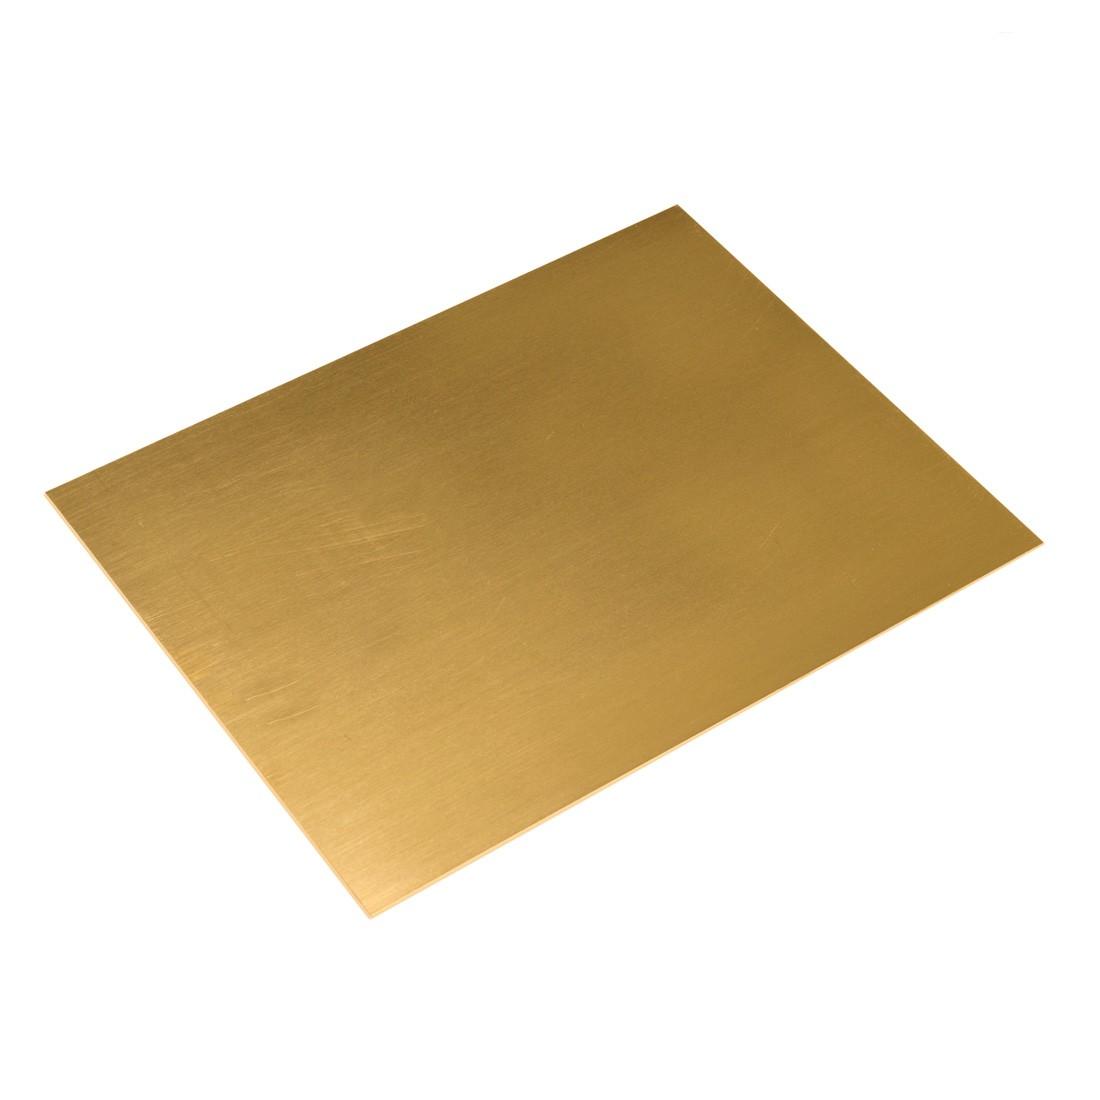 Planchas de latón 1 mm.220x170